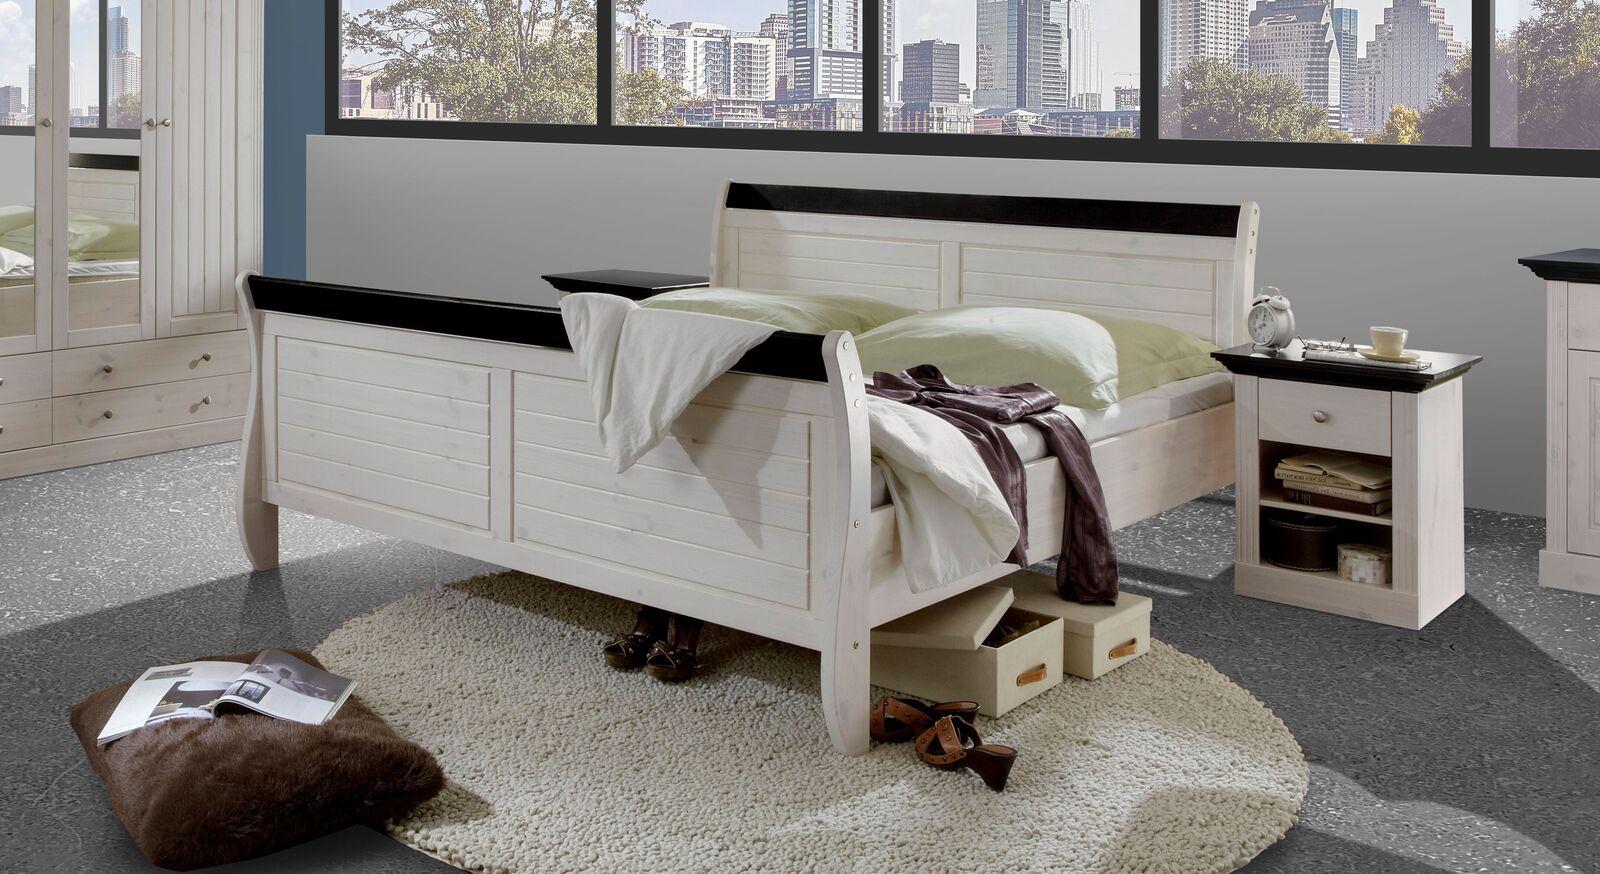 Doppelbett Imala im angesagten Landhausstil